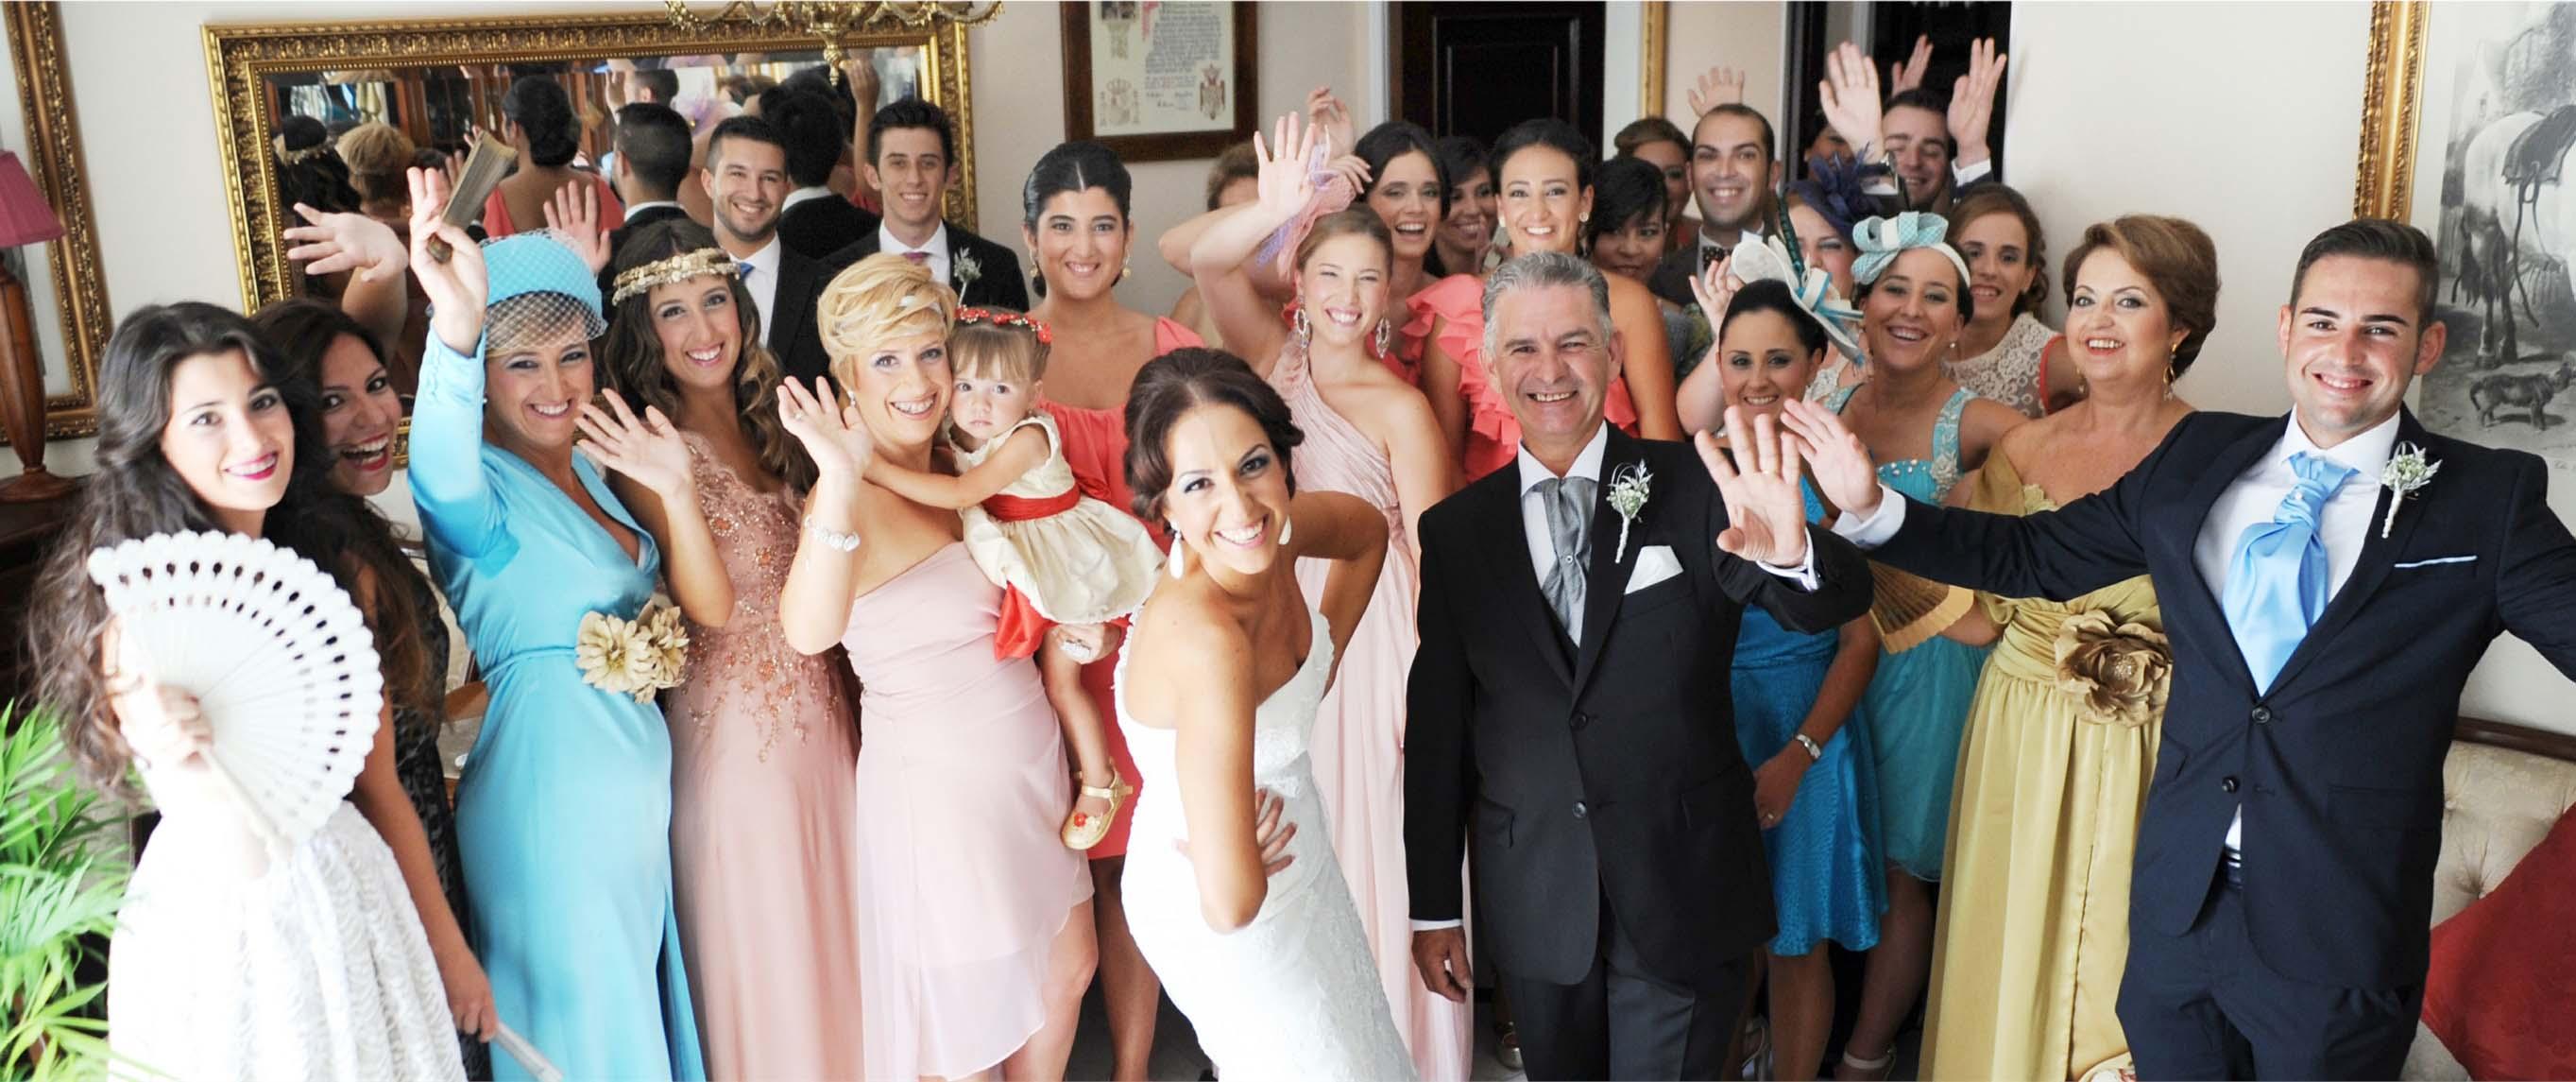 boda alhaurin el grande